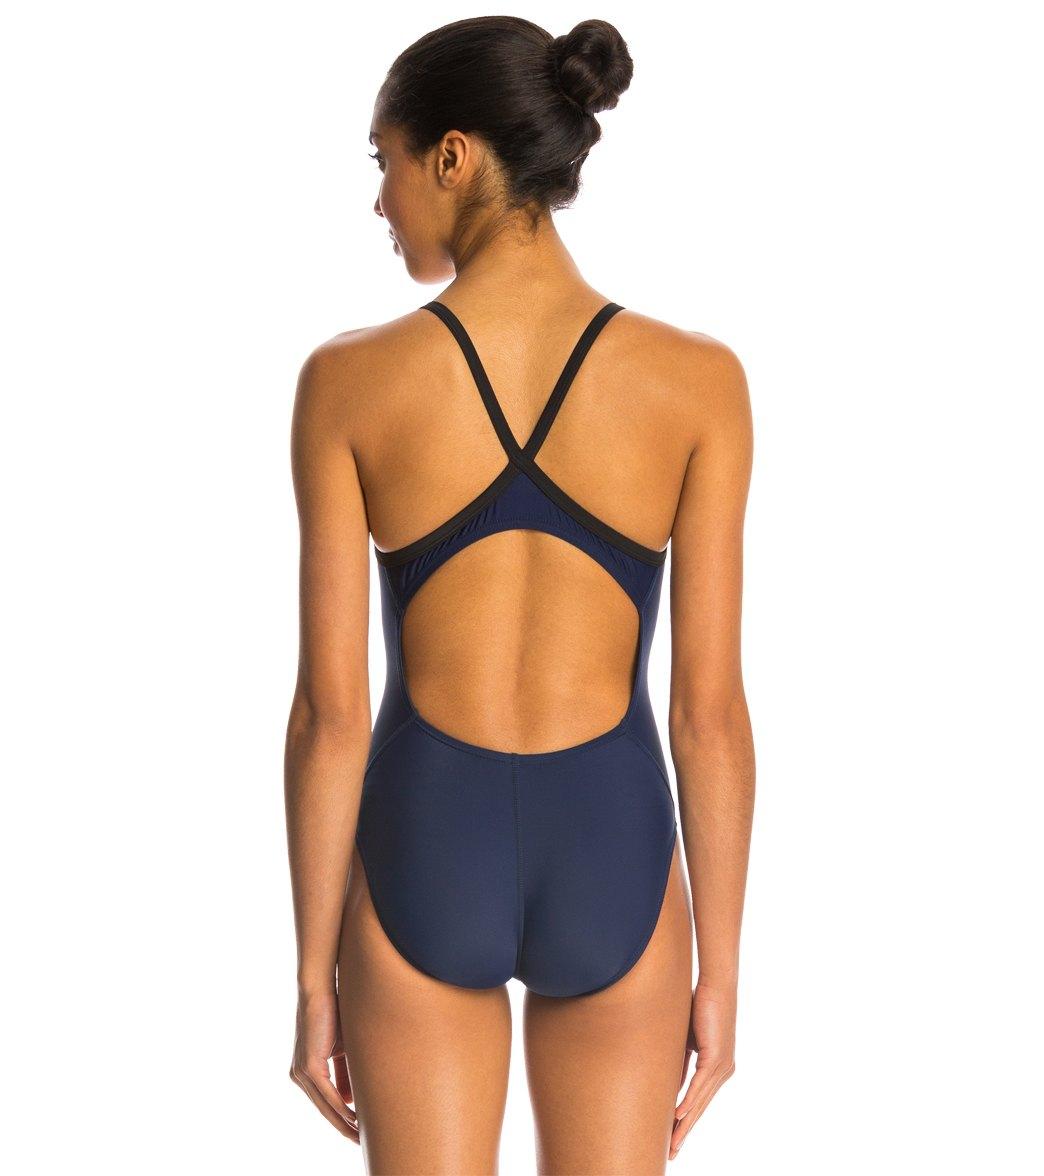 608bfaa06ee Nike Swim Nylon Core Solids Lingerie Tank One Piece Swimsuit Fast Back  Swimsuit